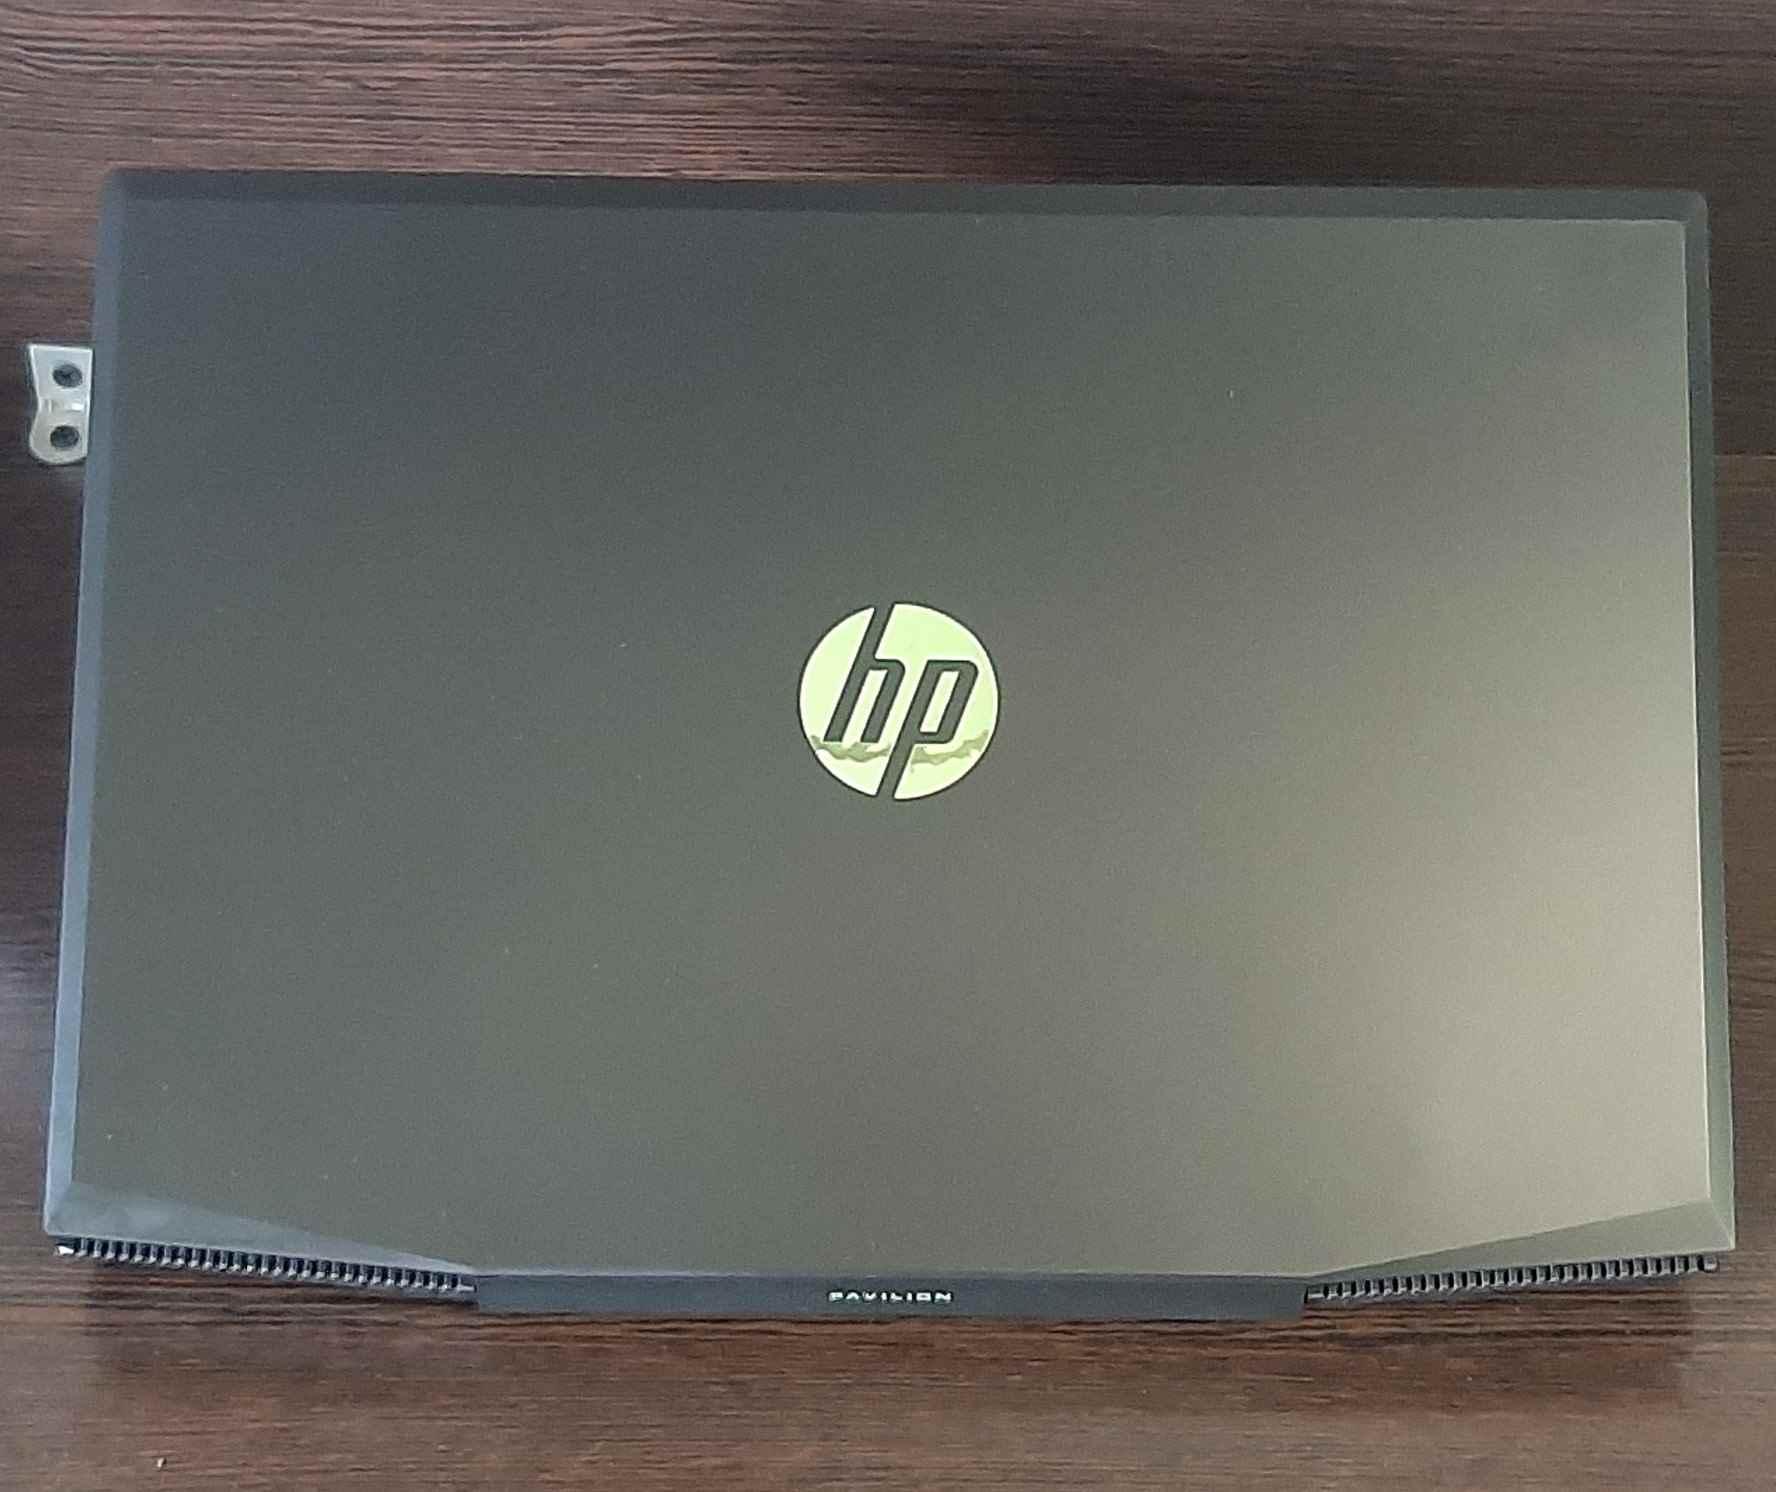 لپ تاپ استوک اچ پی مدل HP Pavilion Gaming 15 با مشخصات i5-8gen-16GB-1TB-Optane-4GB-nvidia-GTX-1050